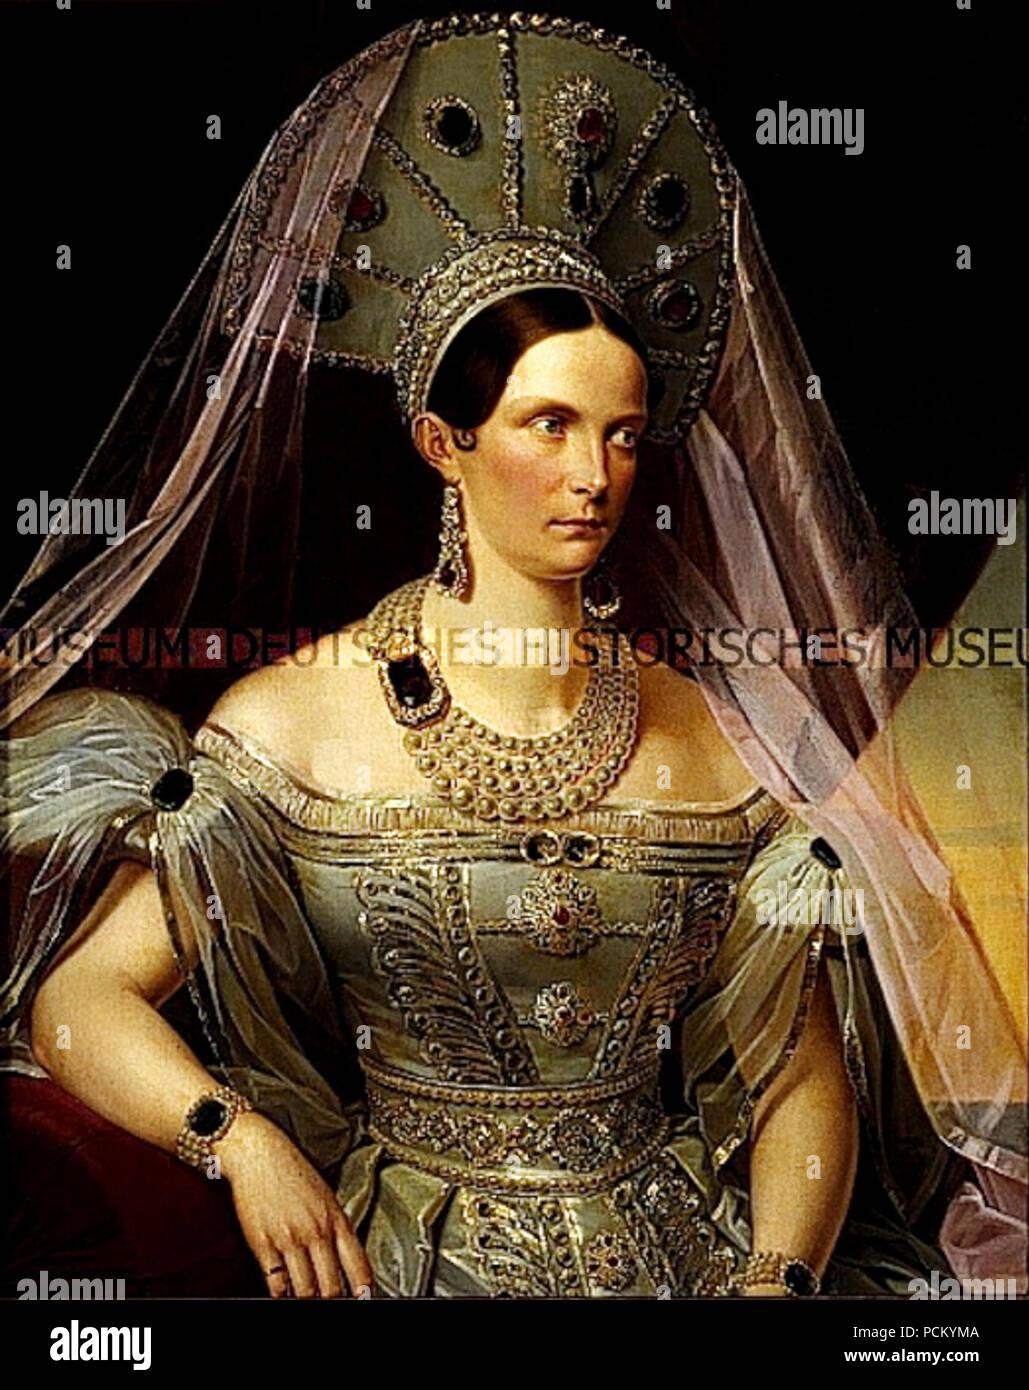 053287c51 Alexandra Feodorovna en ruso vestido Foto & Imagen De Stock ...